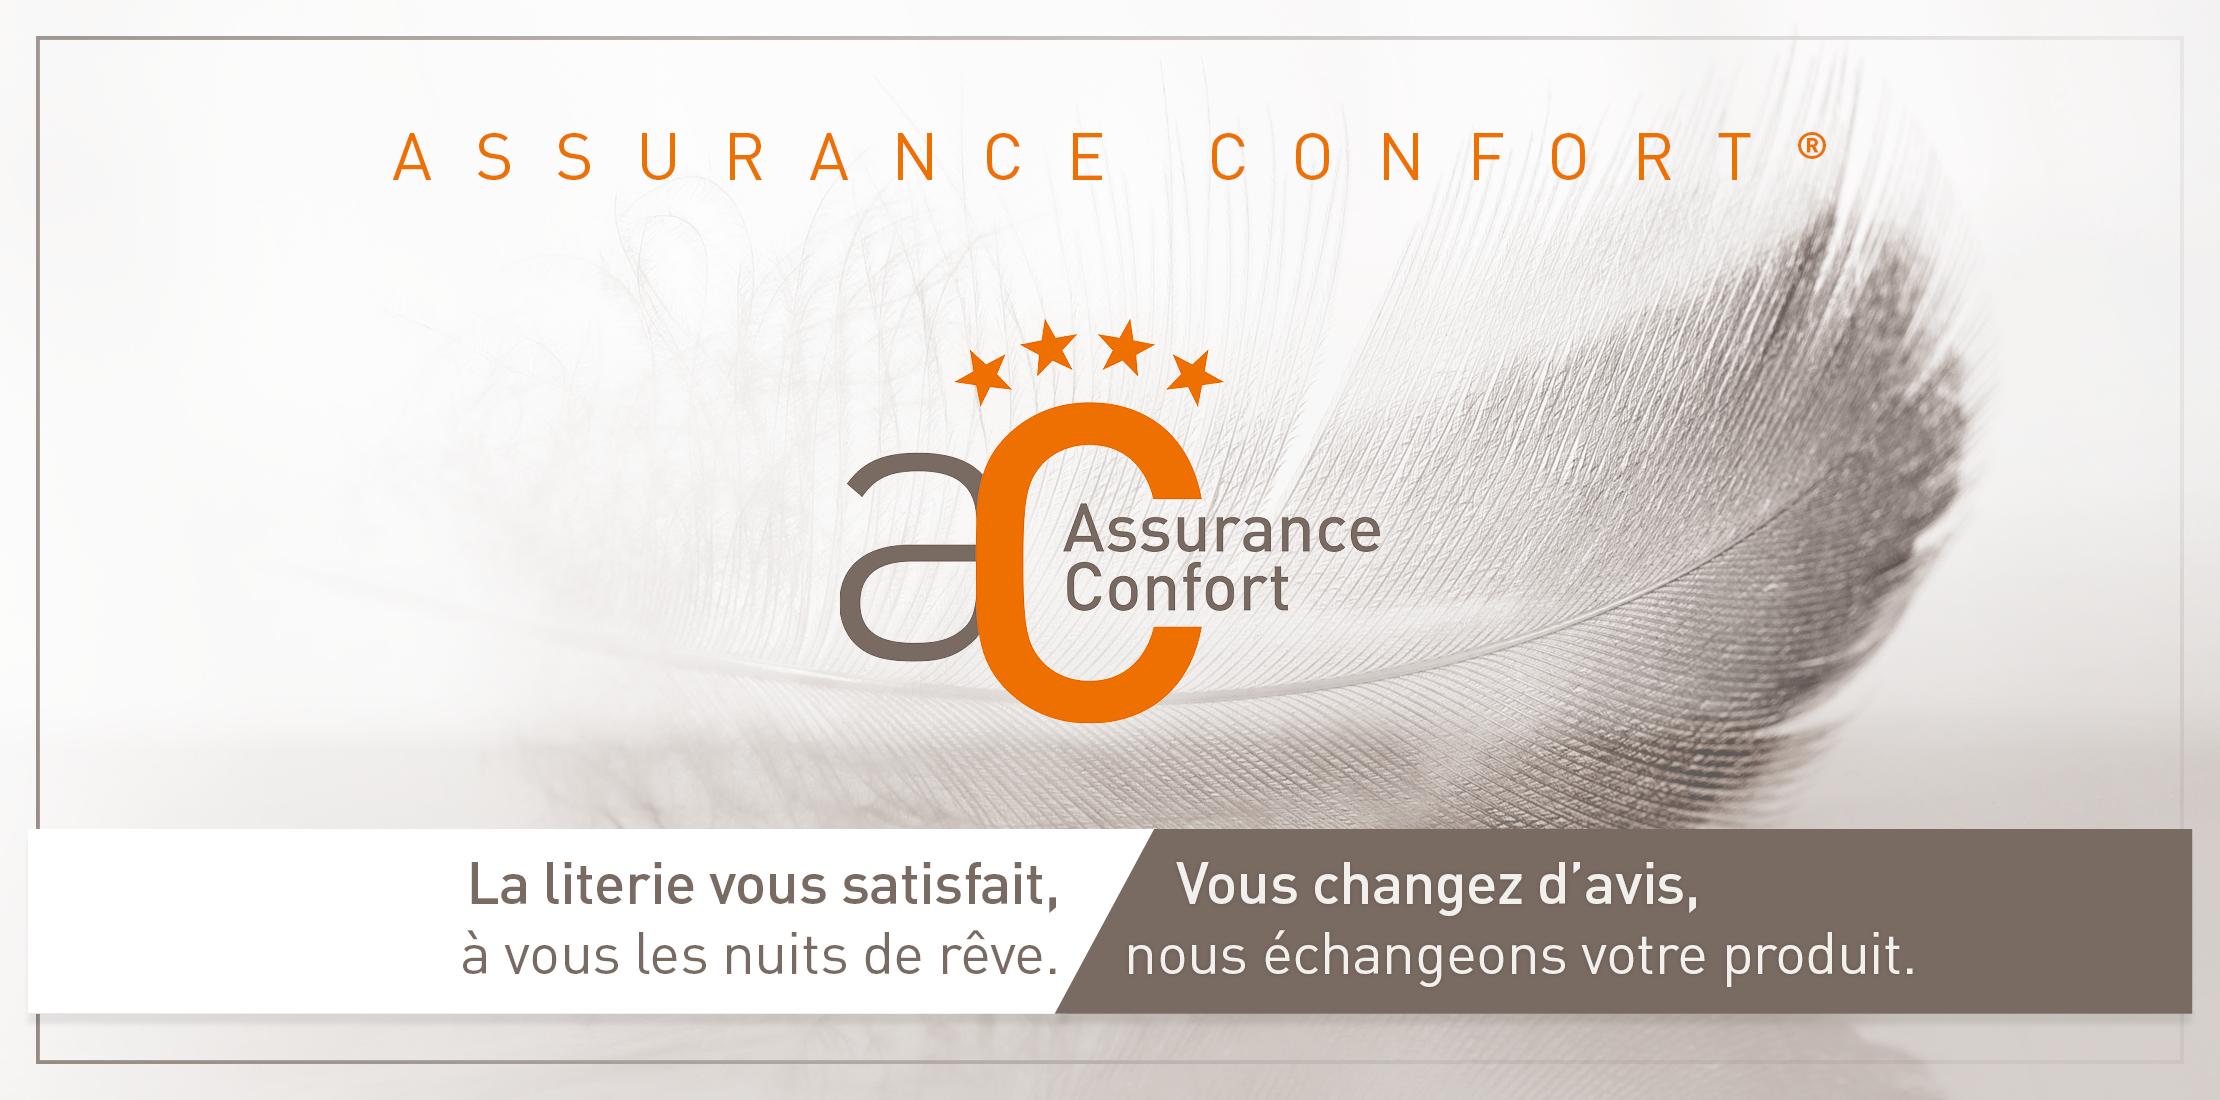 L'Assurance Confort Grand Litier®. La literie vous satisfait, à vous les nuits de rêve. Vous changez d'avis, nous échangeons votre produit.